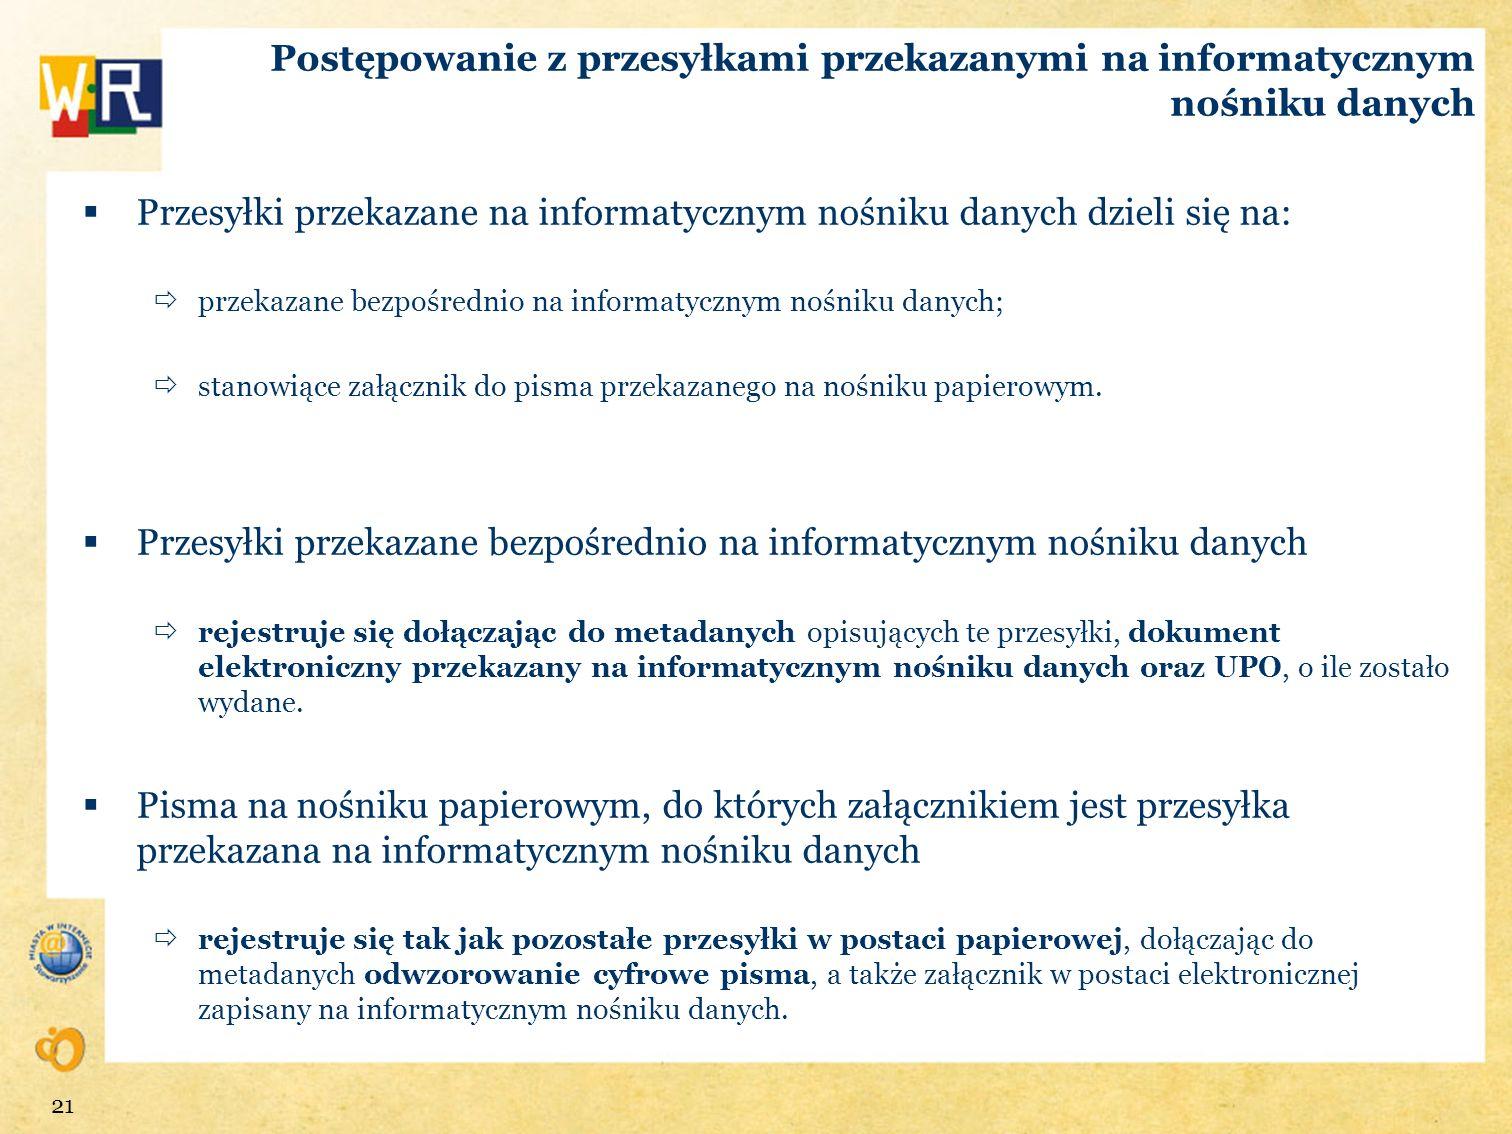 Postępowanie z przesyłkami przekazanymi na informatycznym nośniku danych Przesyłki przekazane na informatycznym nośniku danych dzieli się na: przekaza